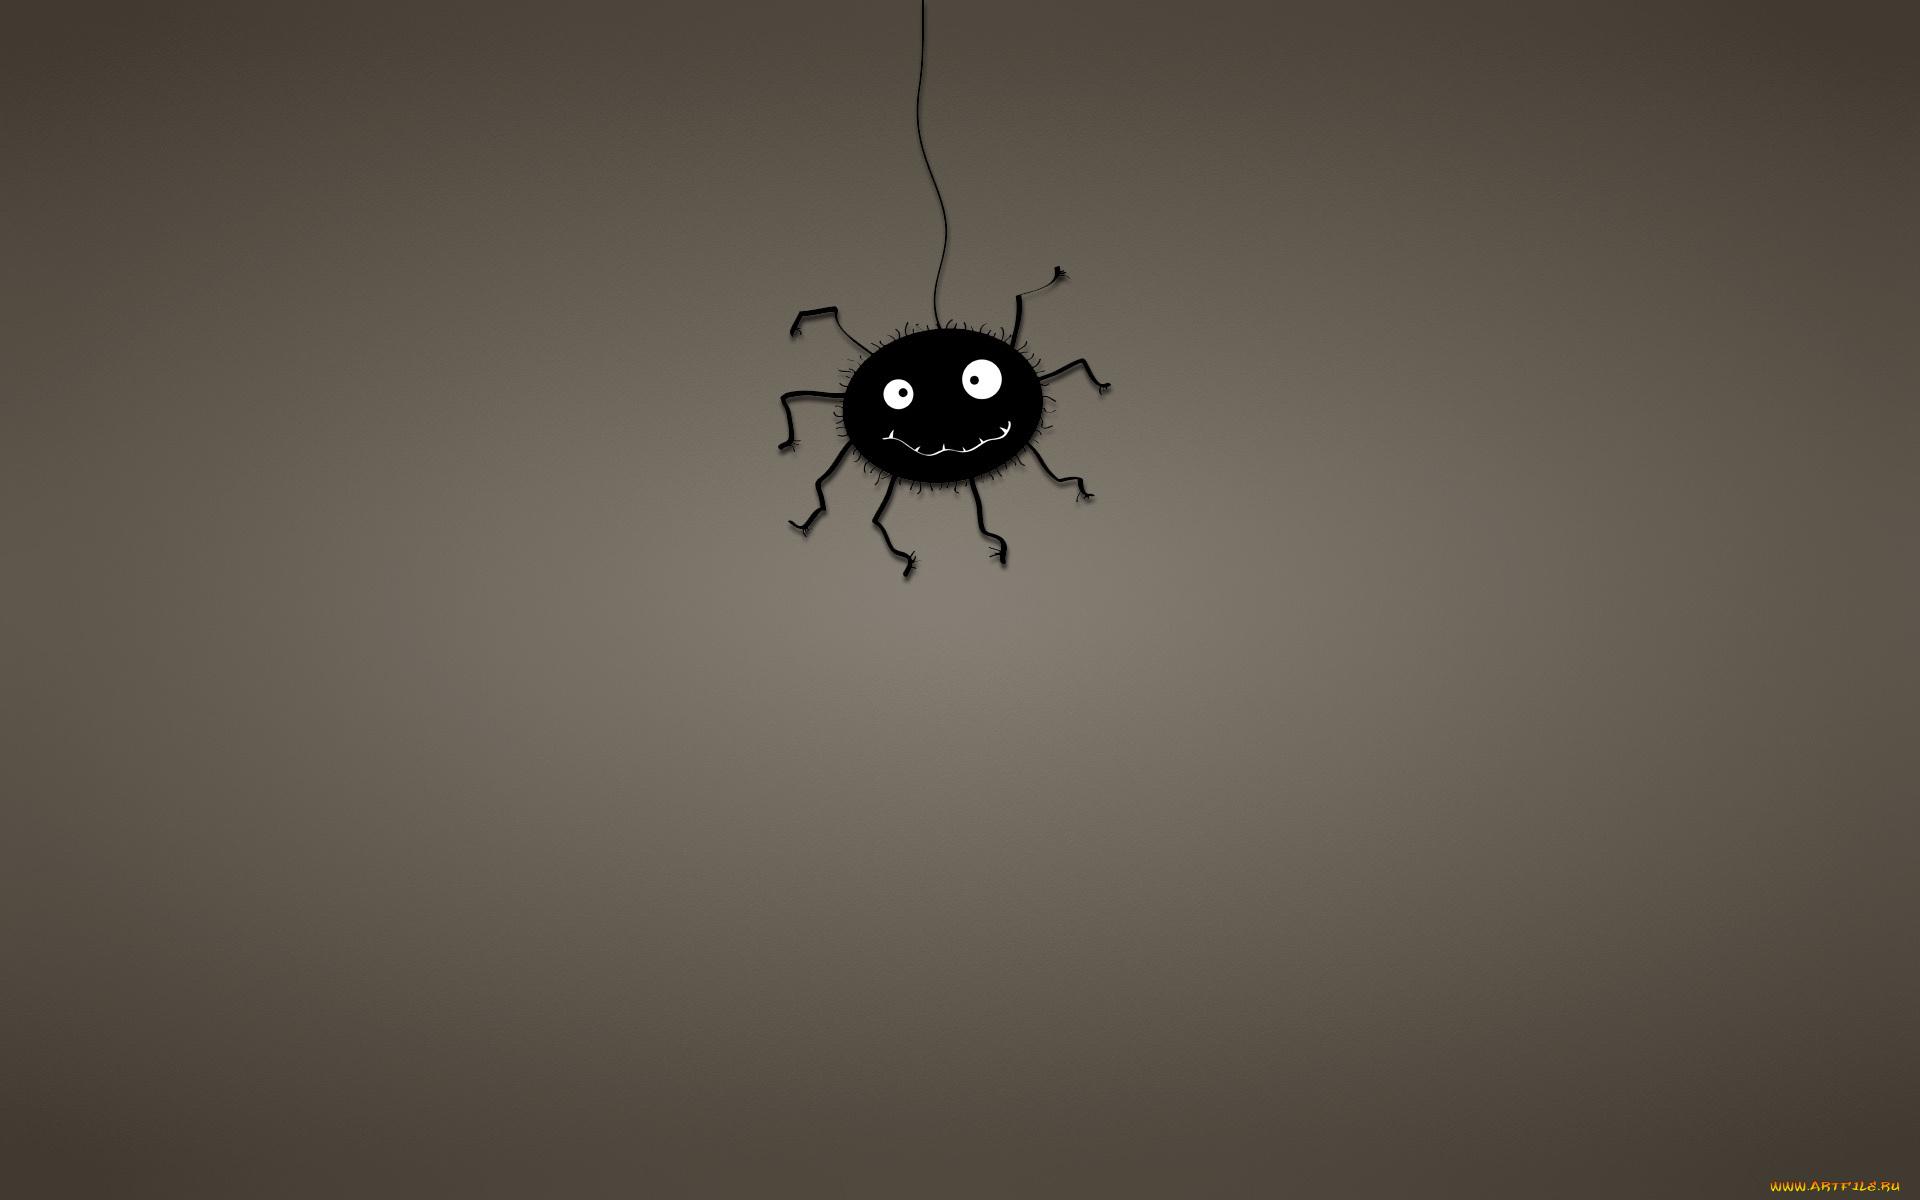 Смешной рисунок паука